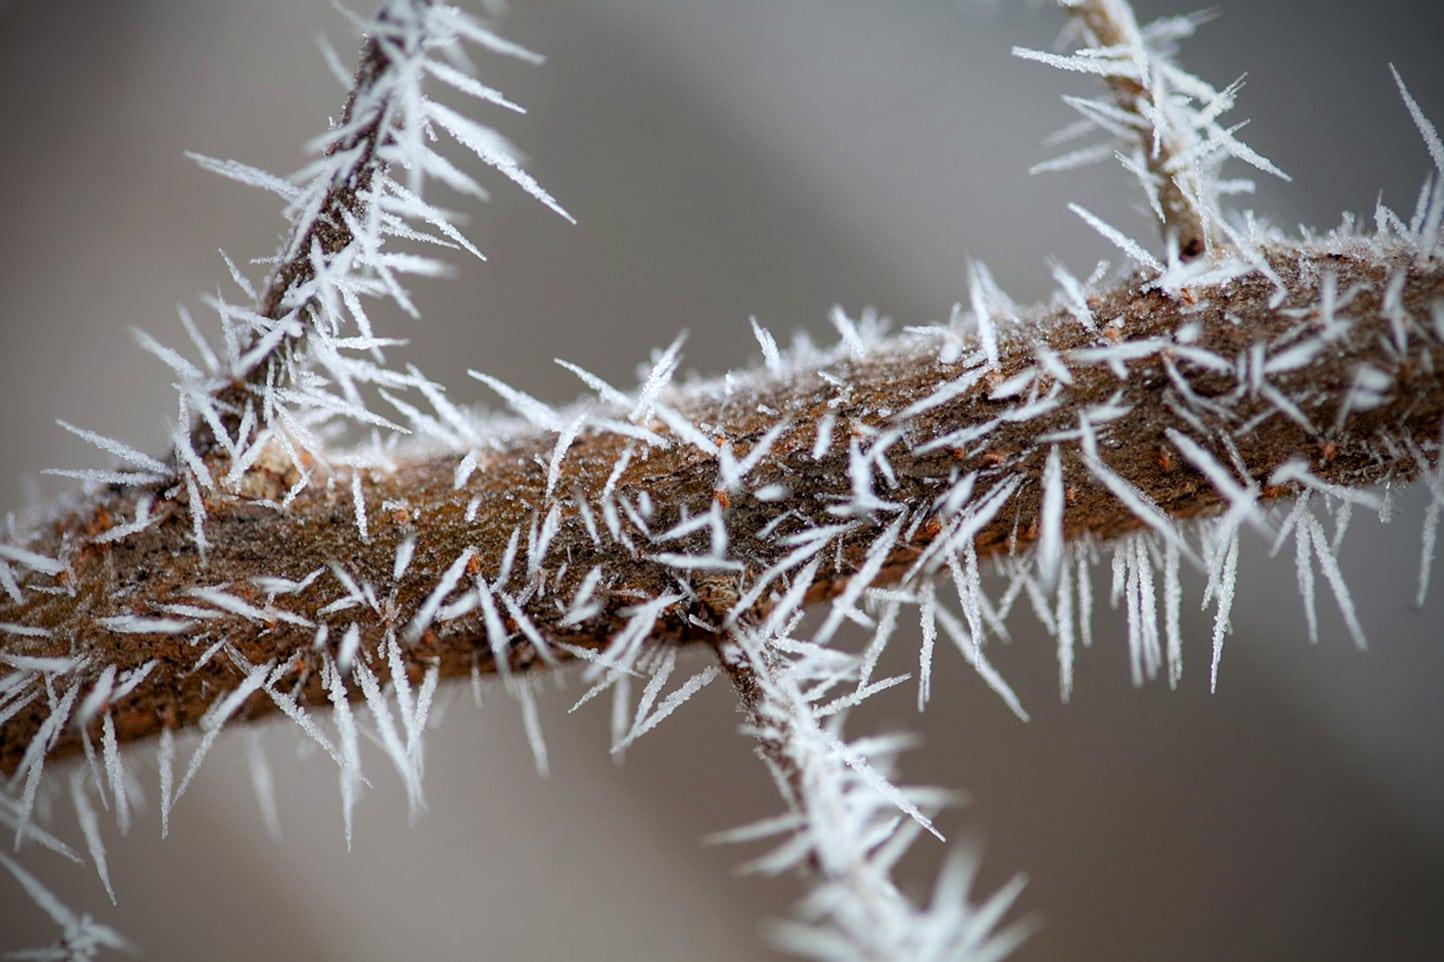 Осадки в виде ледяных игл